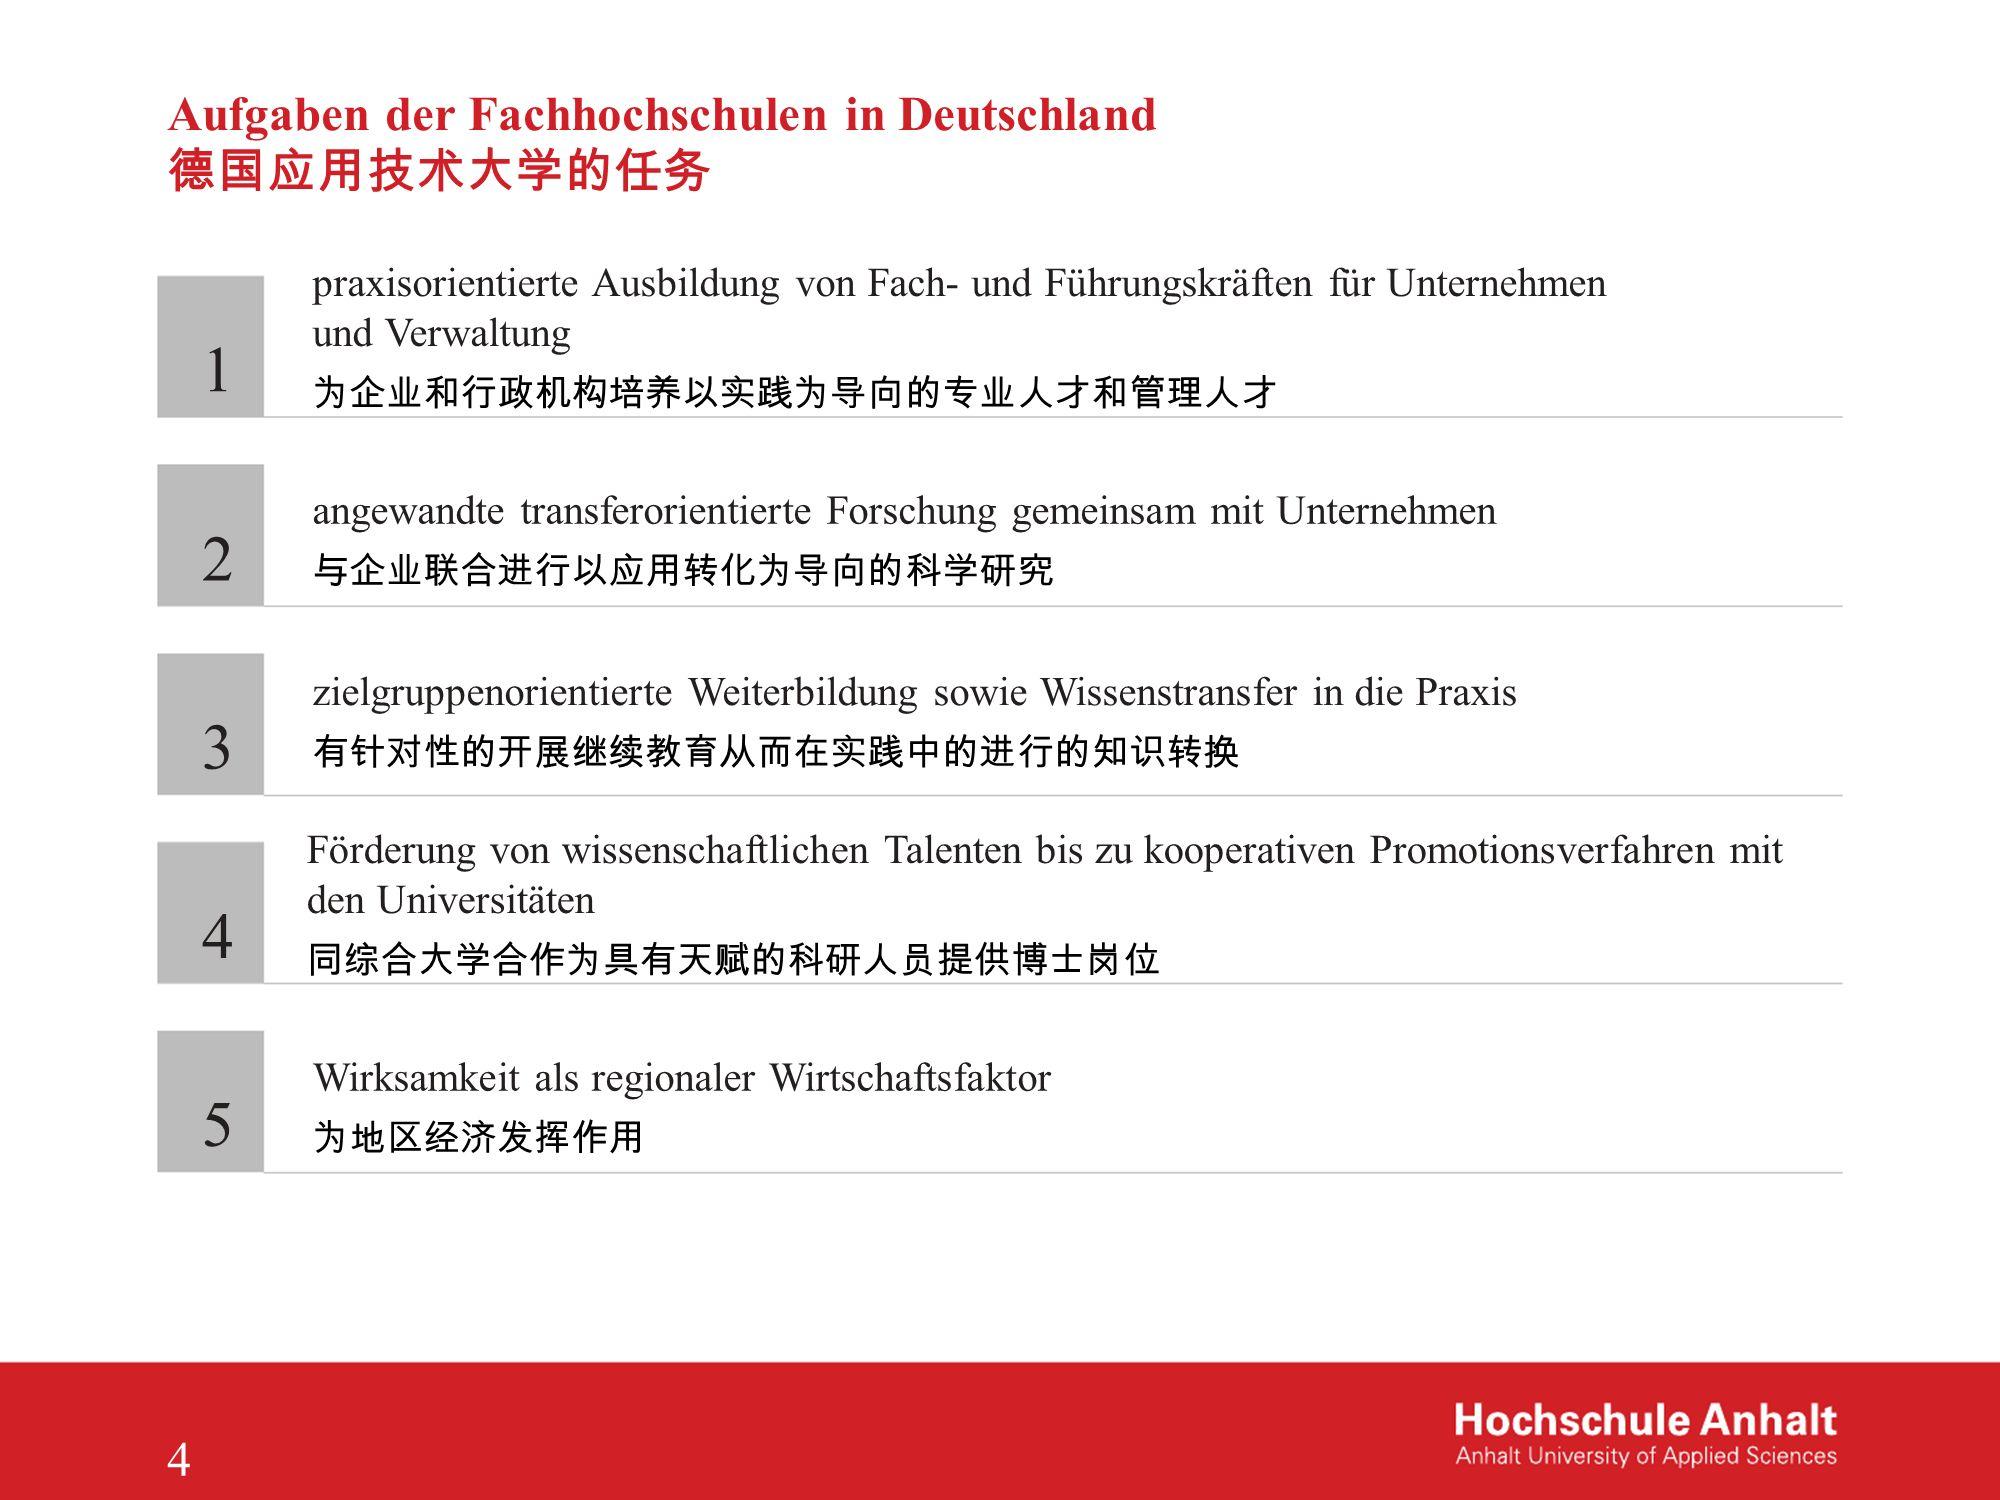 Vorstellung der Hochschule Anhalt 安哈尔特应用技术大学介绍 学校主页: www.hs-anhalt.de www.hs-anhalt.de 七个系: FB 1 - Landwirtschaft, Ökotrophologie und Landschaftsentwicklung FB 2 - Wirtschaft FB 3 - Architektur, Facility Management und Geoinformation FB 4 - Design FB 5 - Informatik FB 6 - Elektrotechnik, Maschinenbau und Wirtschaftsingenieurwesen FB 7 - Angewandte Biowissenschaften und Prozesstechnik